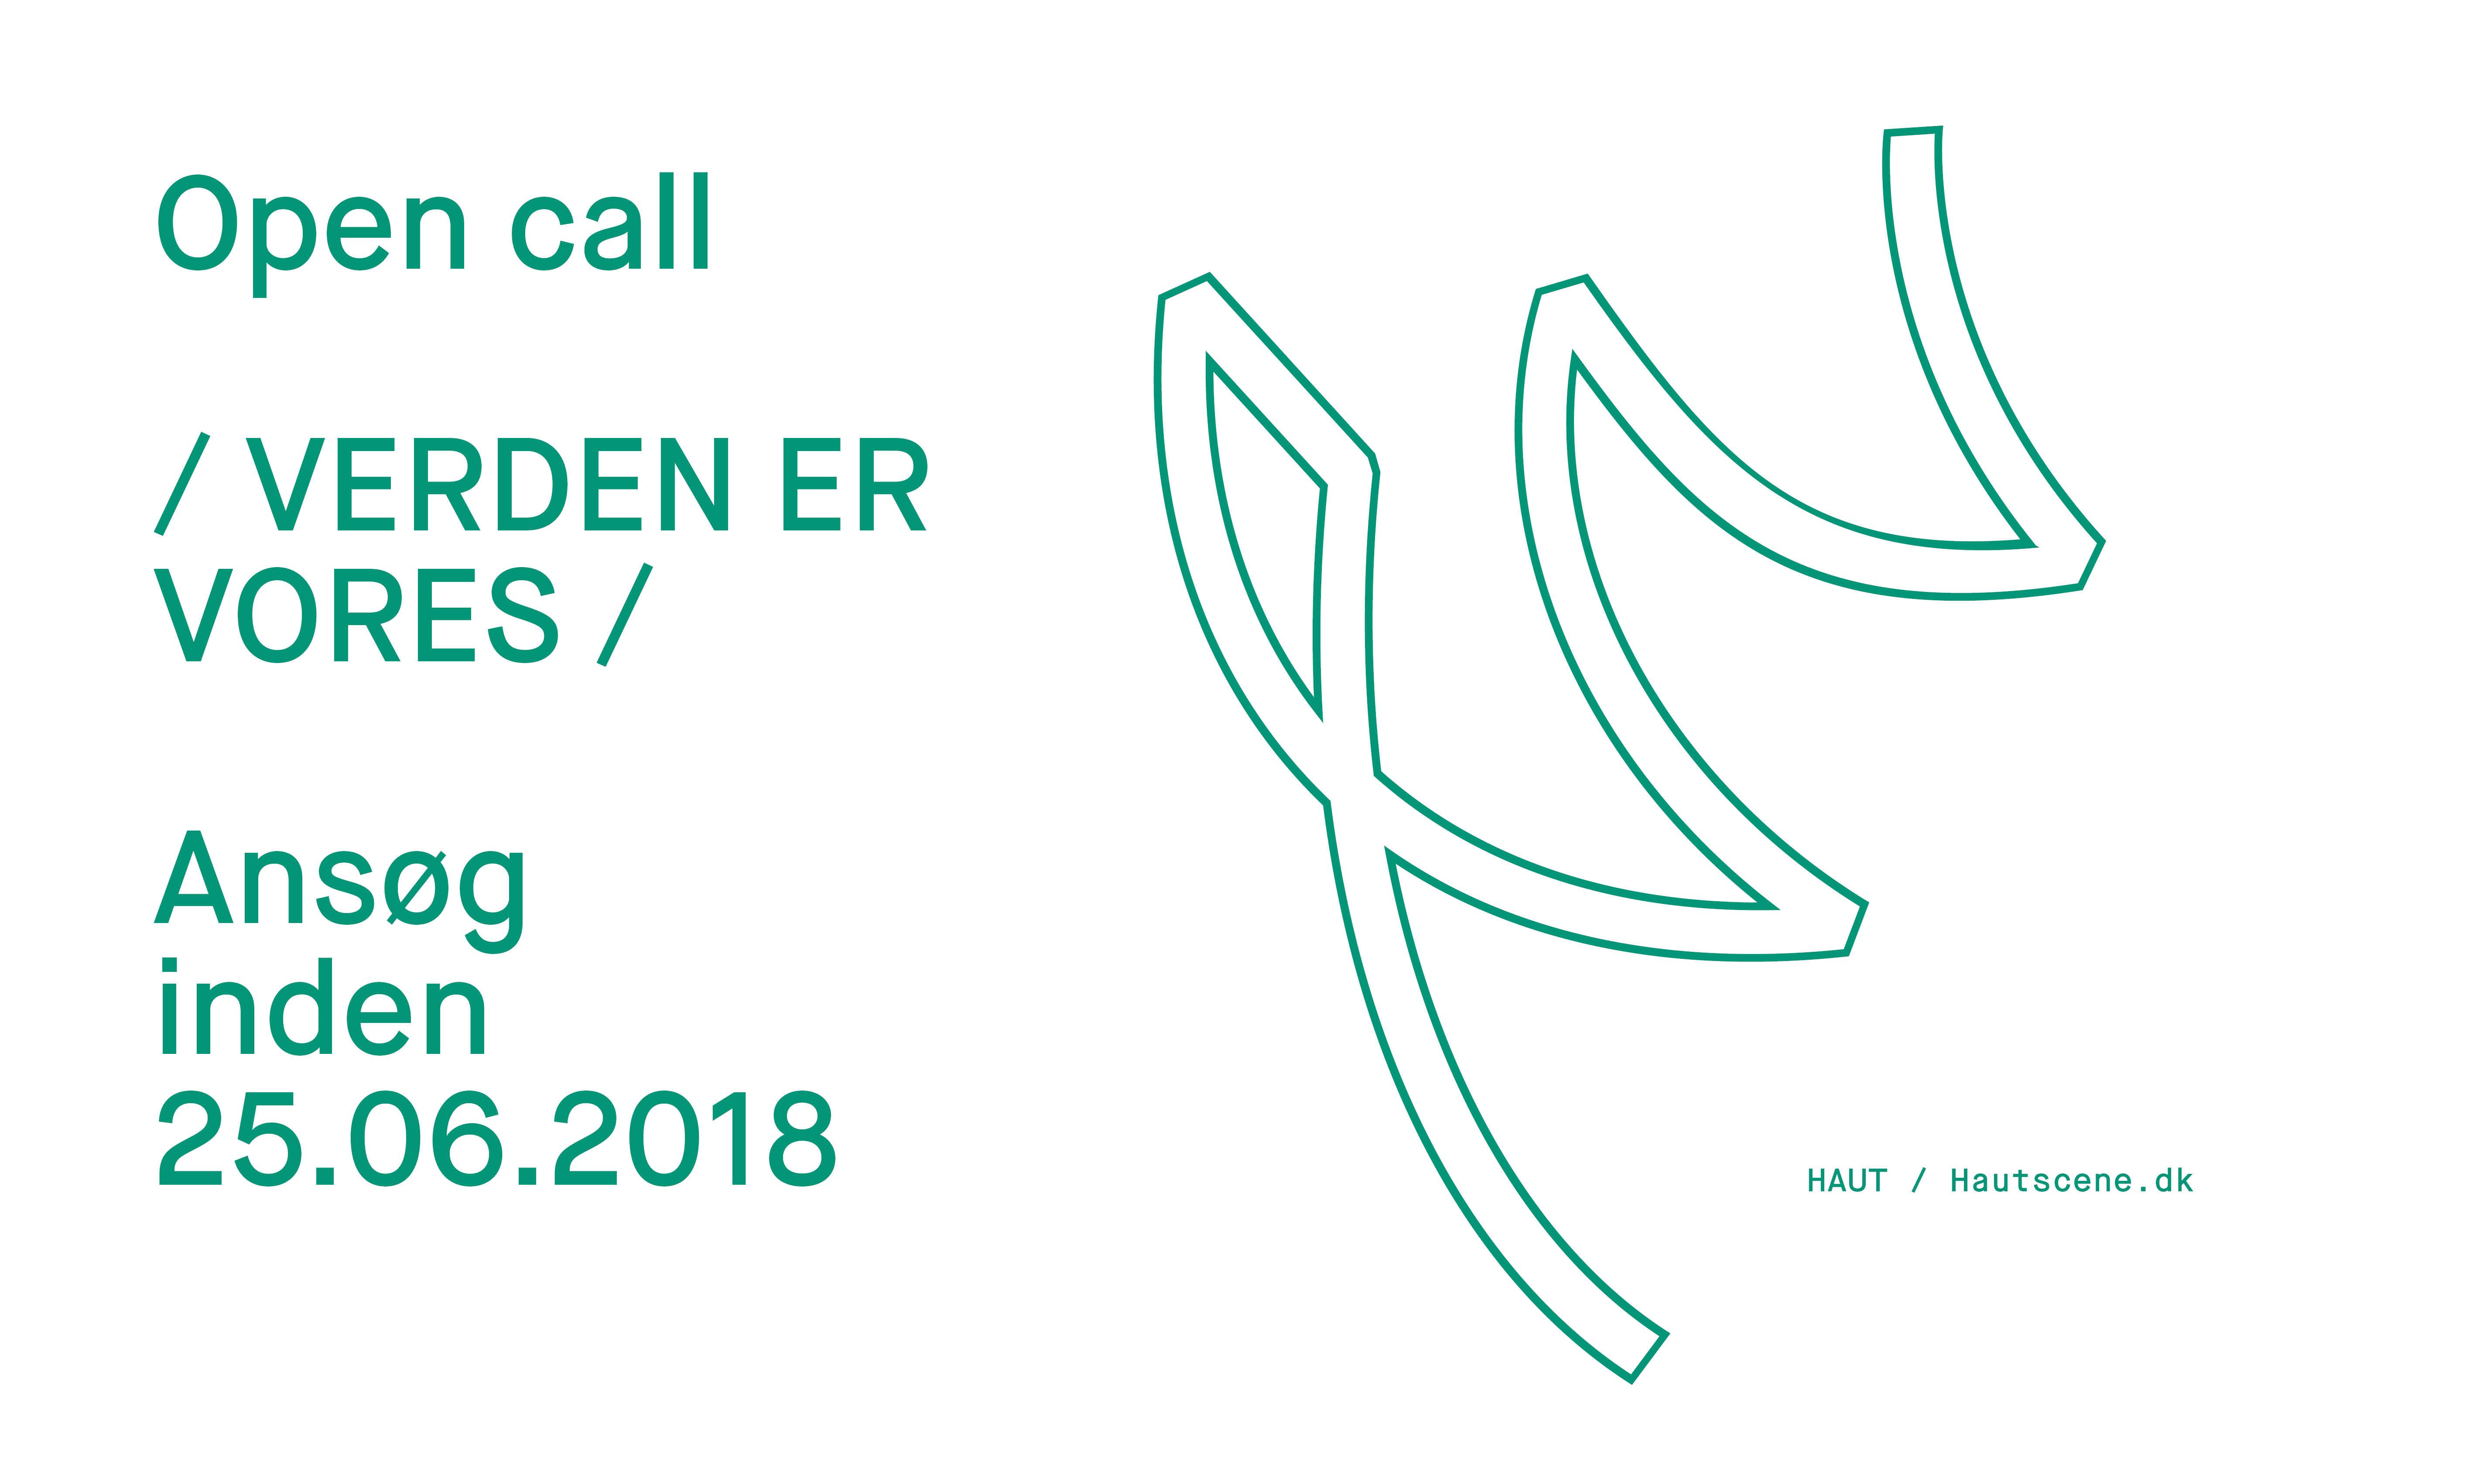 Open call - web